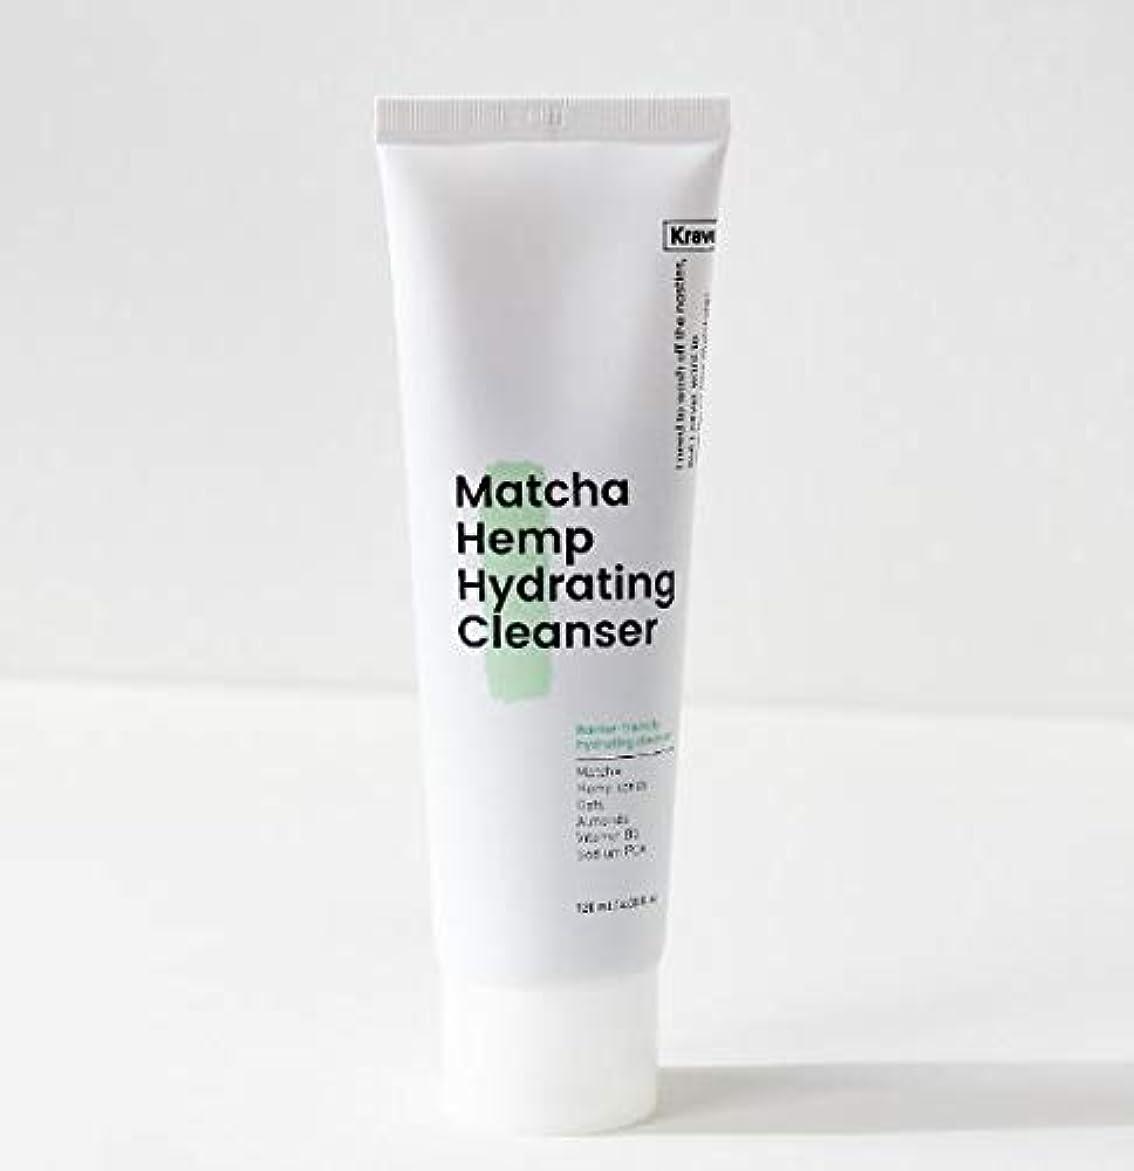 羽信じる電気陽性[Krave] Matcha Hemp Hydrating Cleanser 120ml / 抹茶ハイドレイティングクレンザー120ml [並行輸入品]